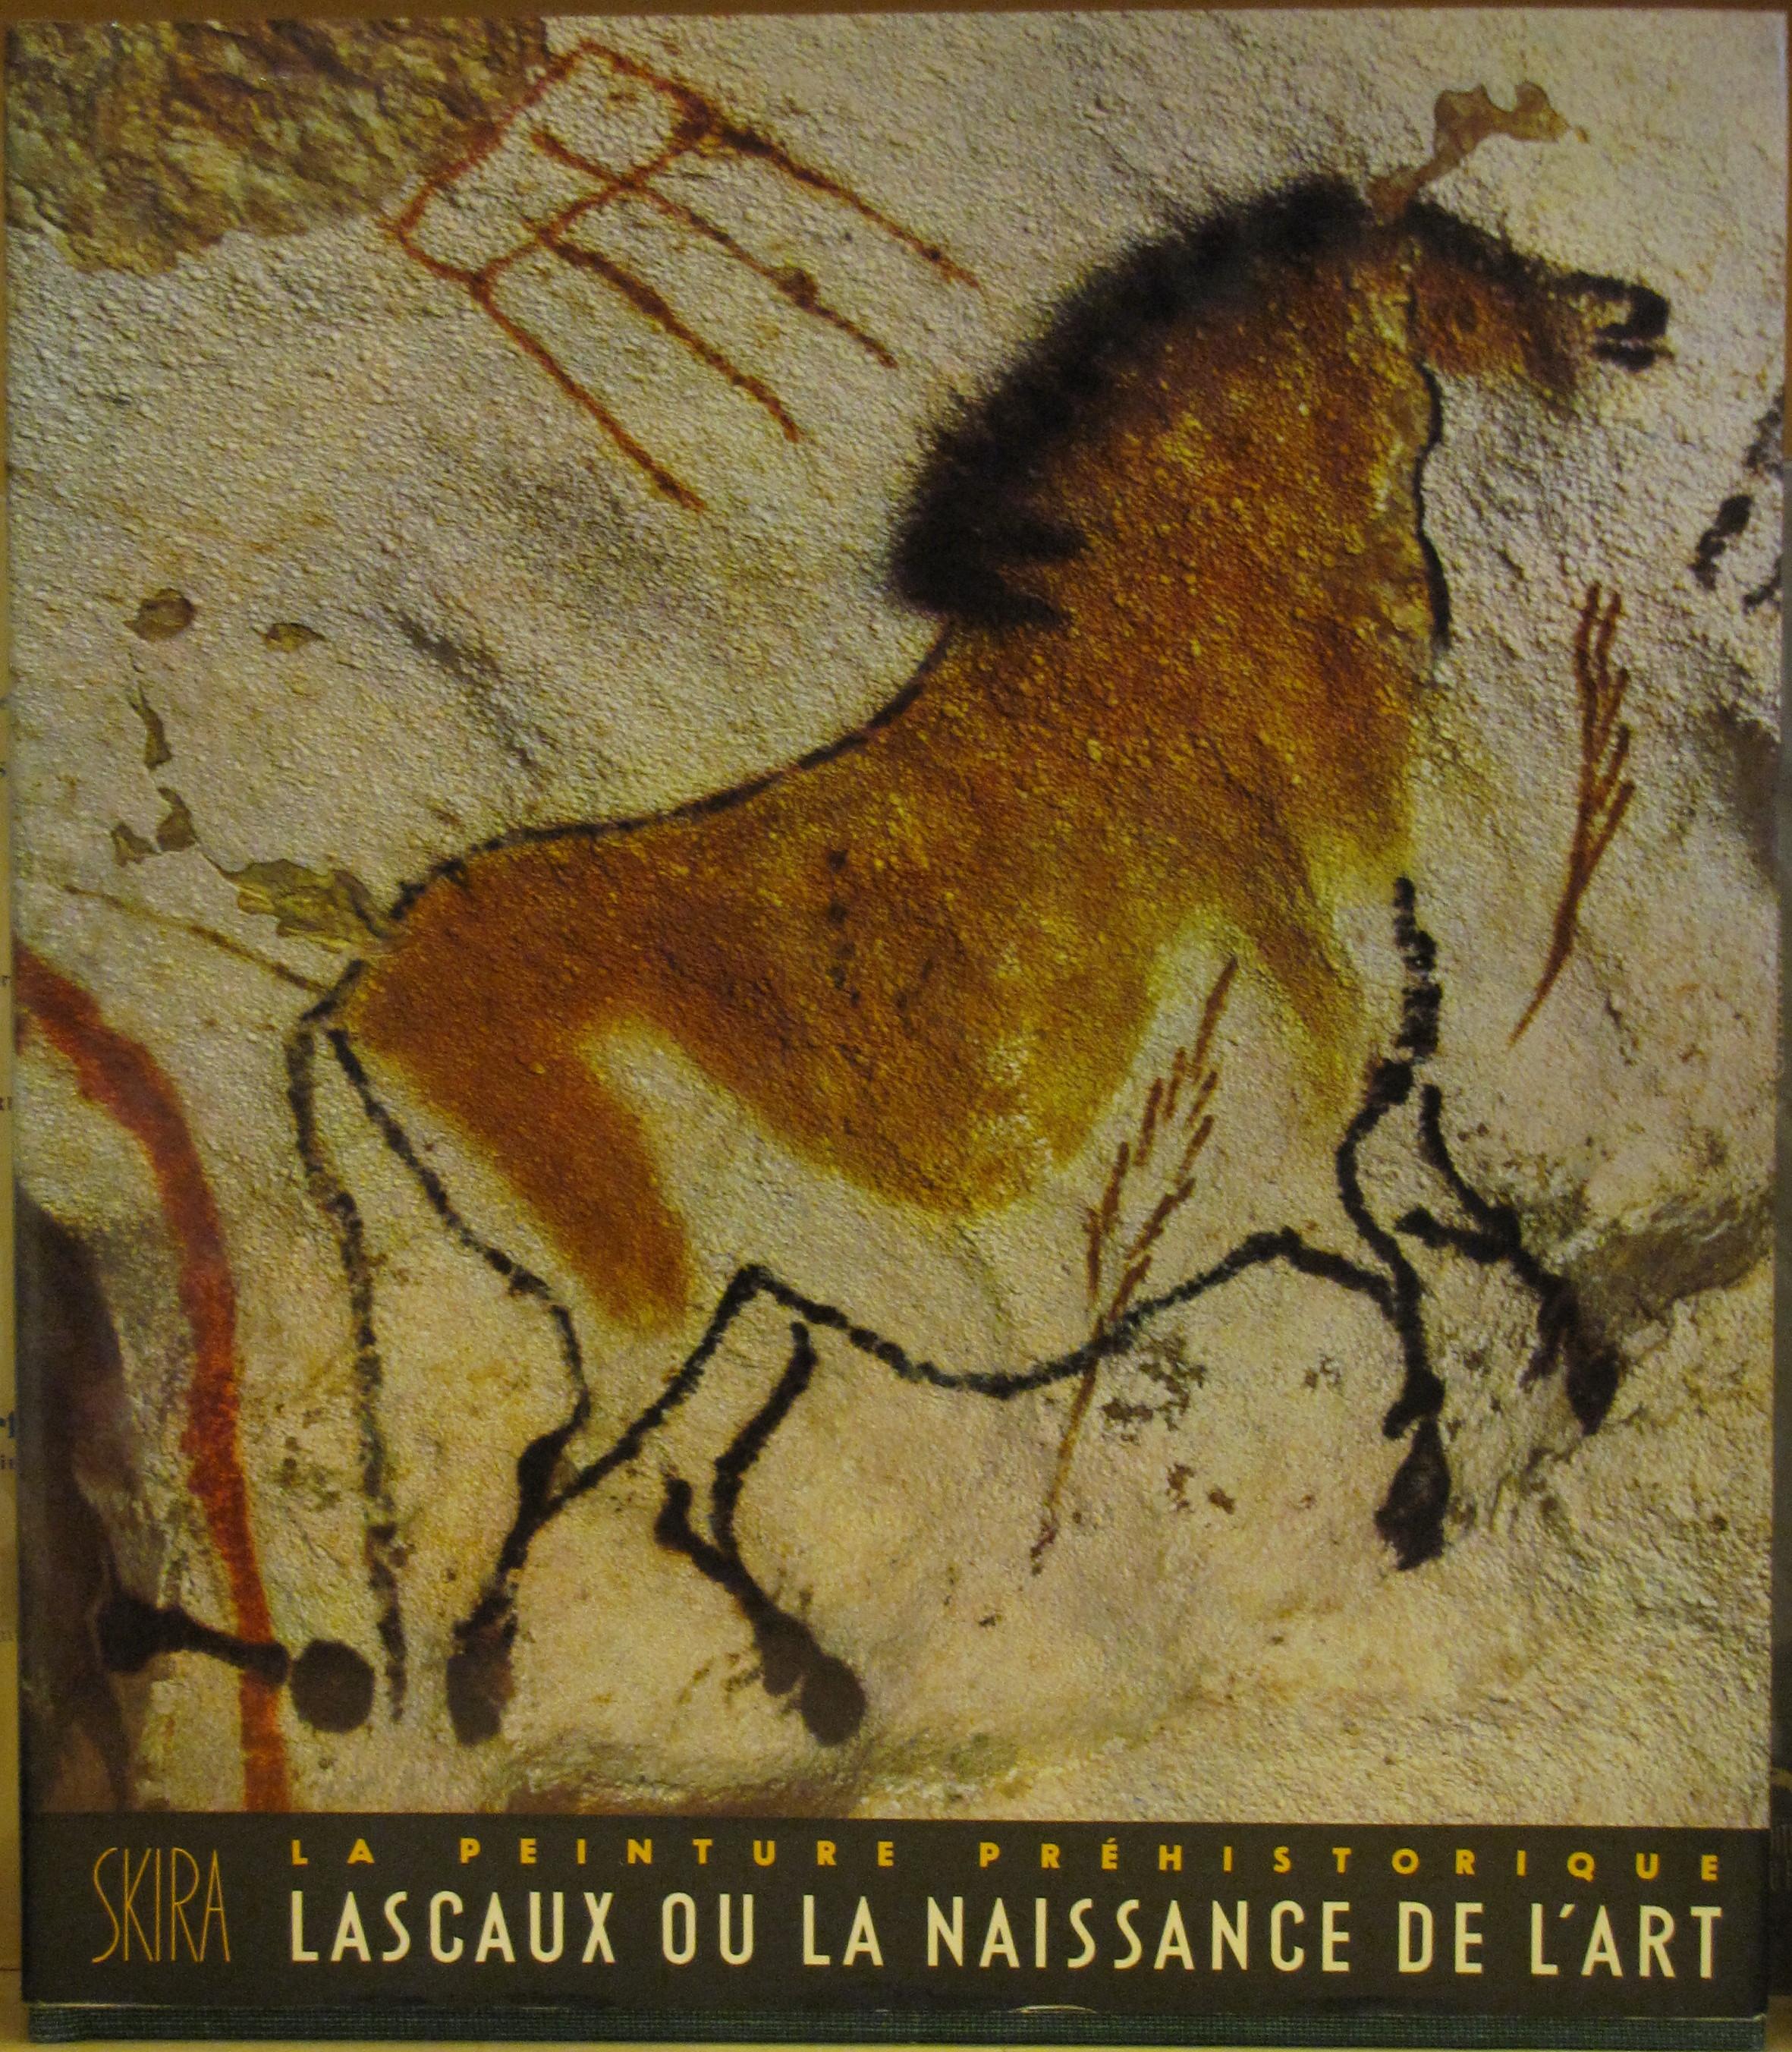 BATAILLE Georges, - La peinture préhistorique. Lascaux ou la naissance de l'art, Skira, Les ...